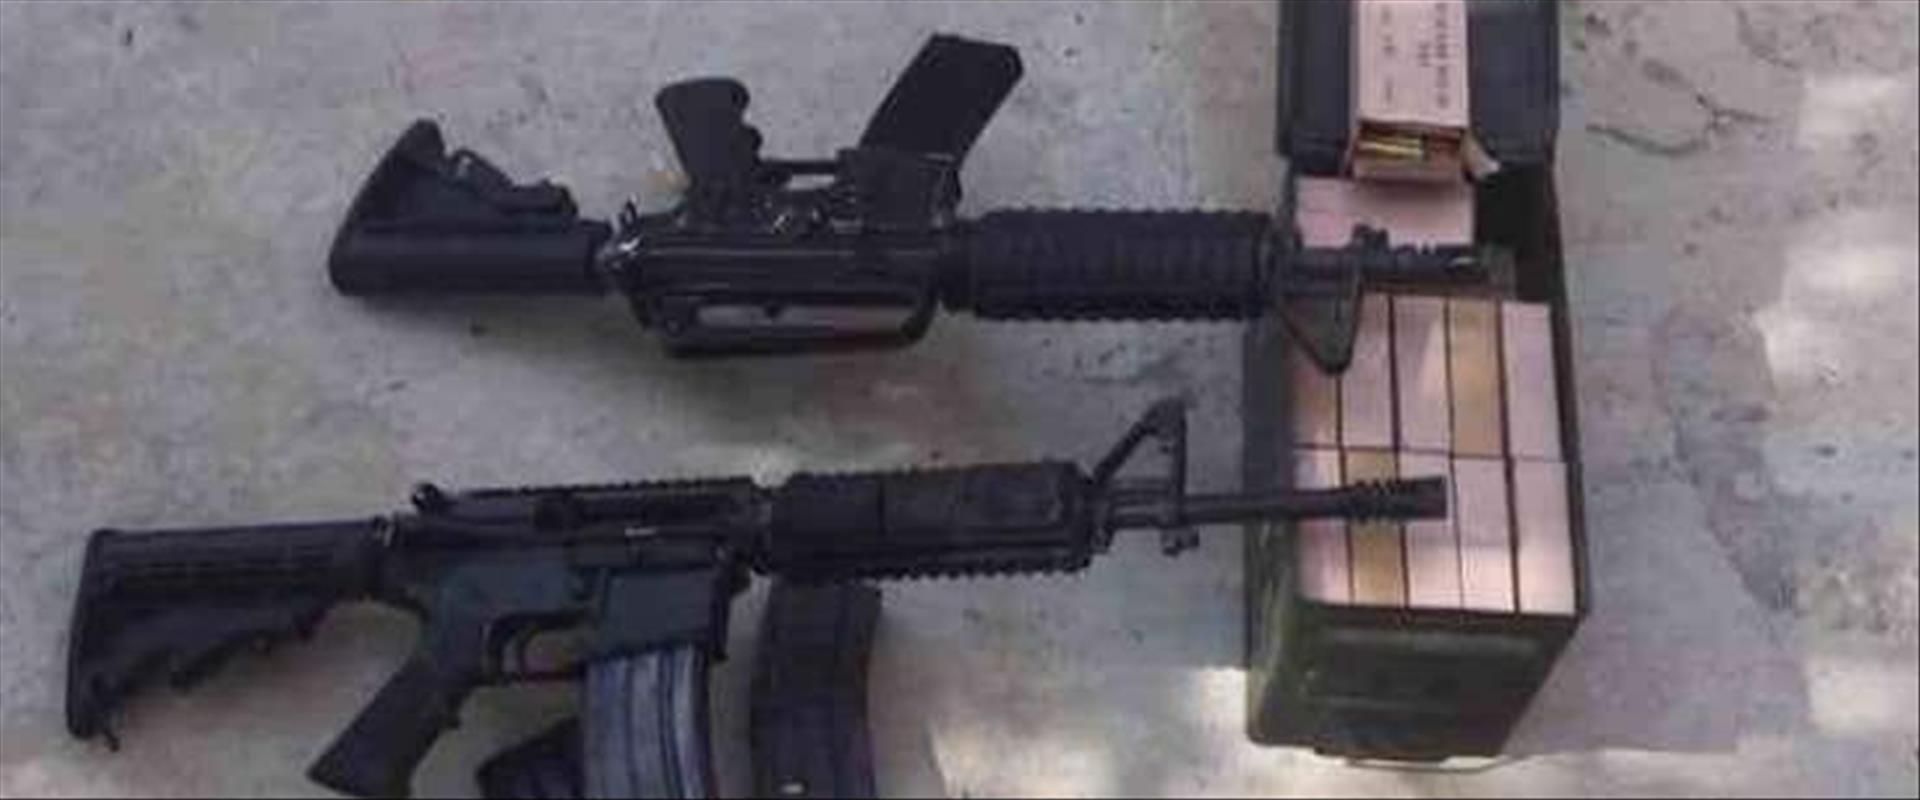 נשק במשולש